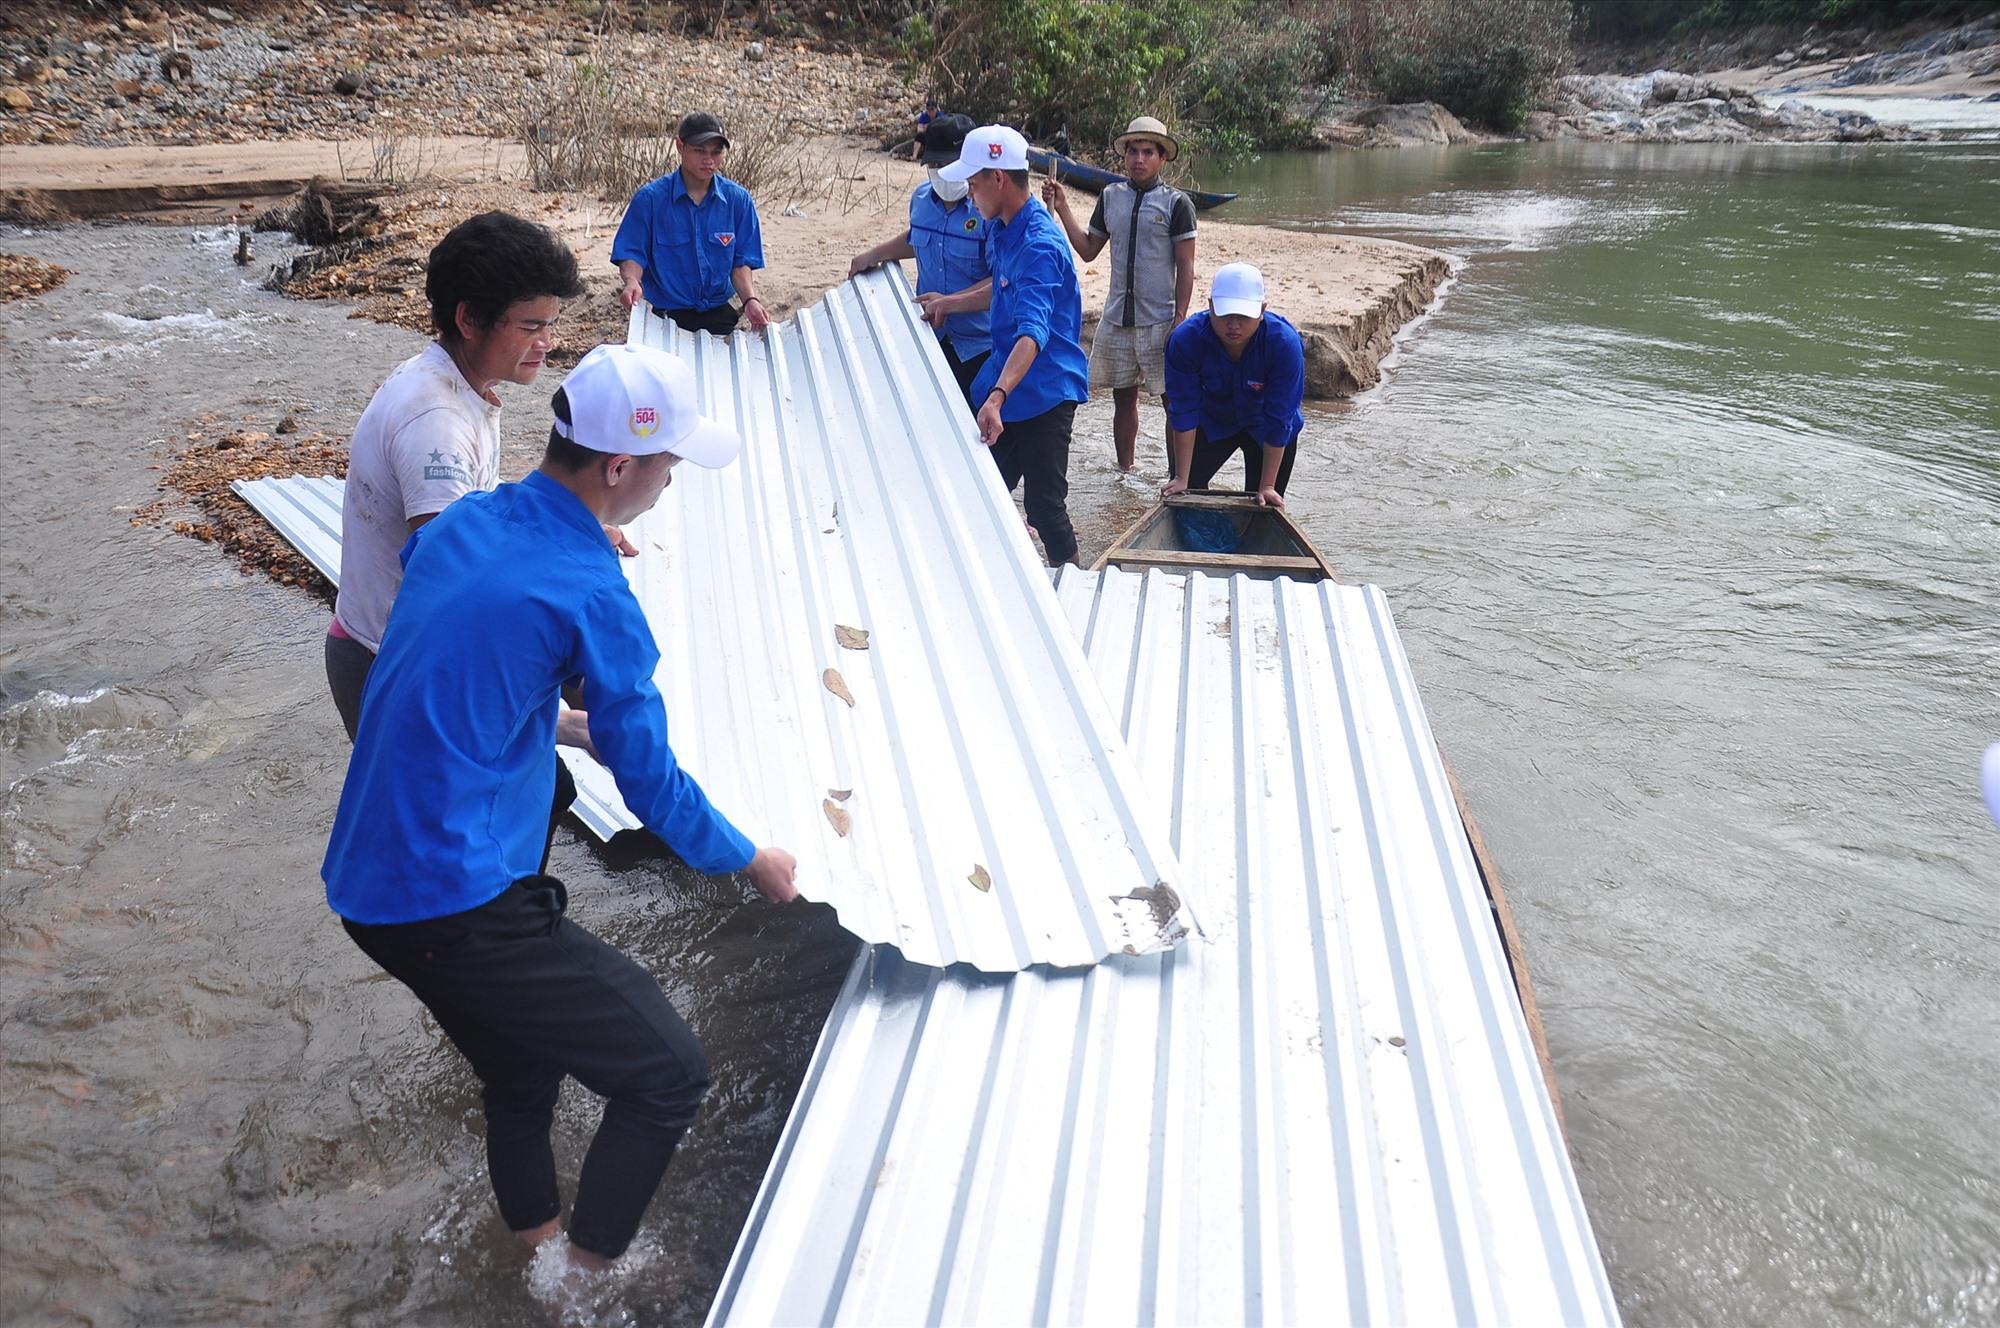 Xếp các tấm tôn lên thuyền nhỏ để vượt sông Tranh. Ảnh: VINH ANH